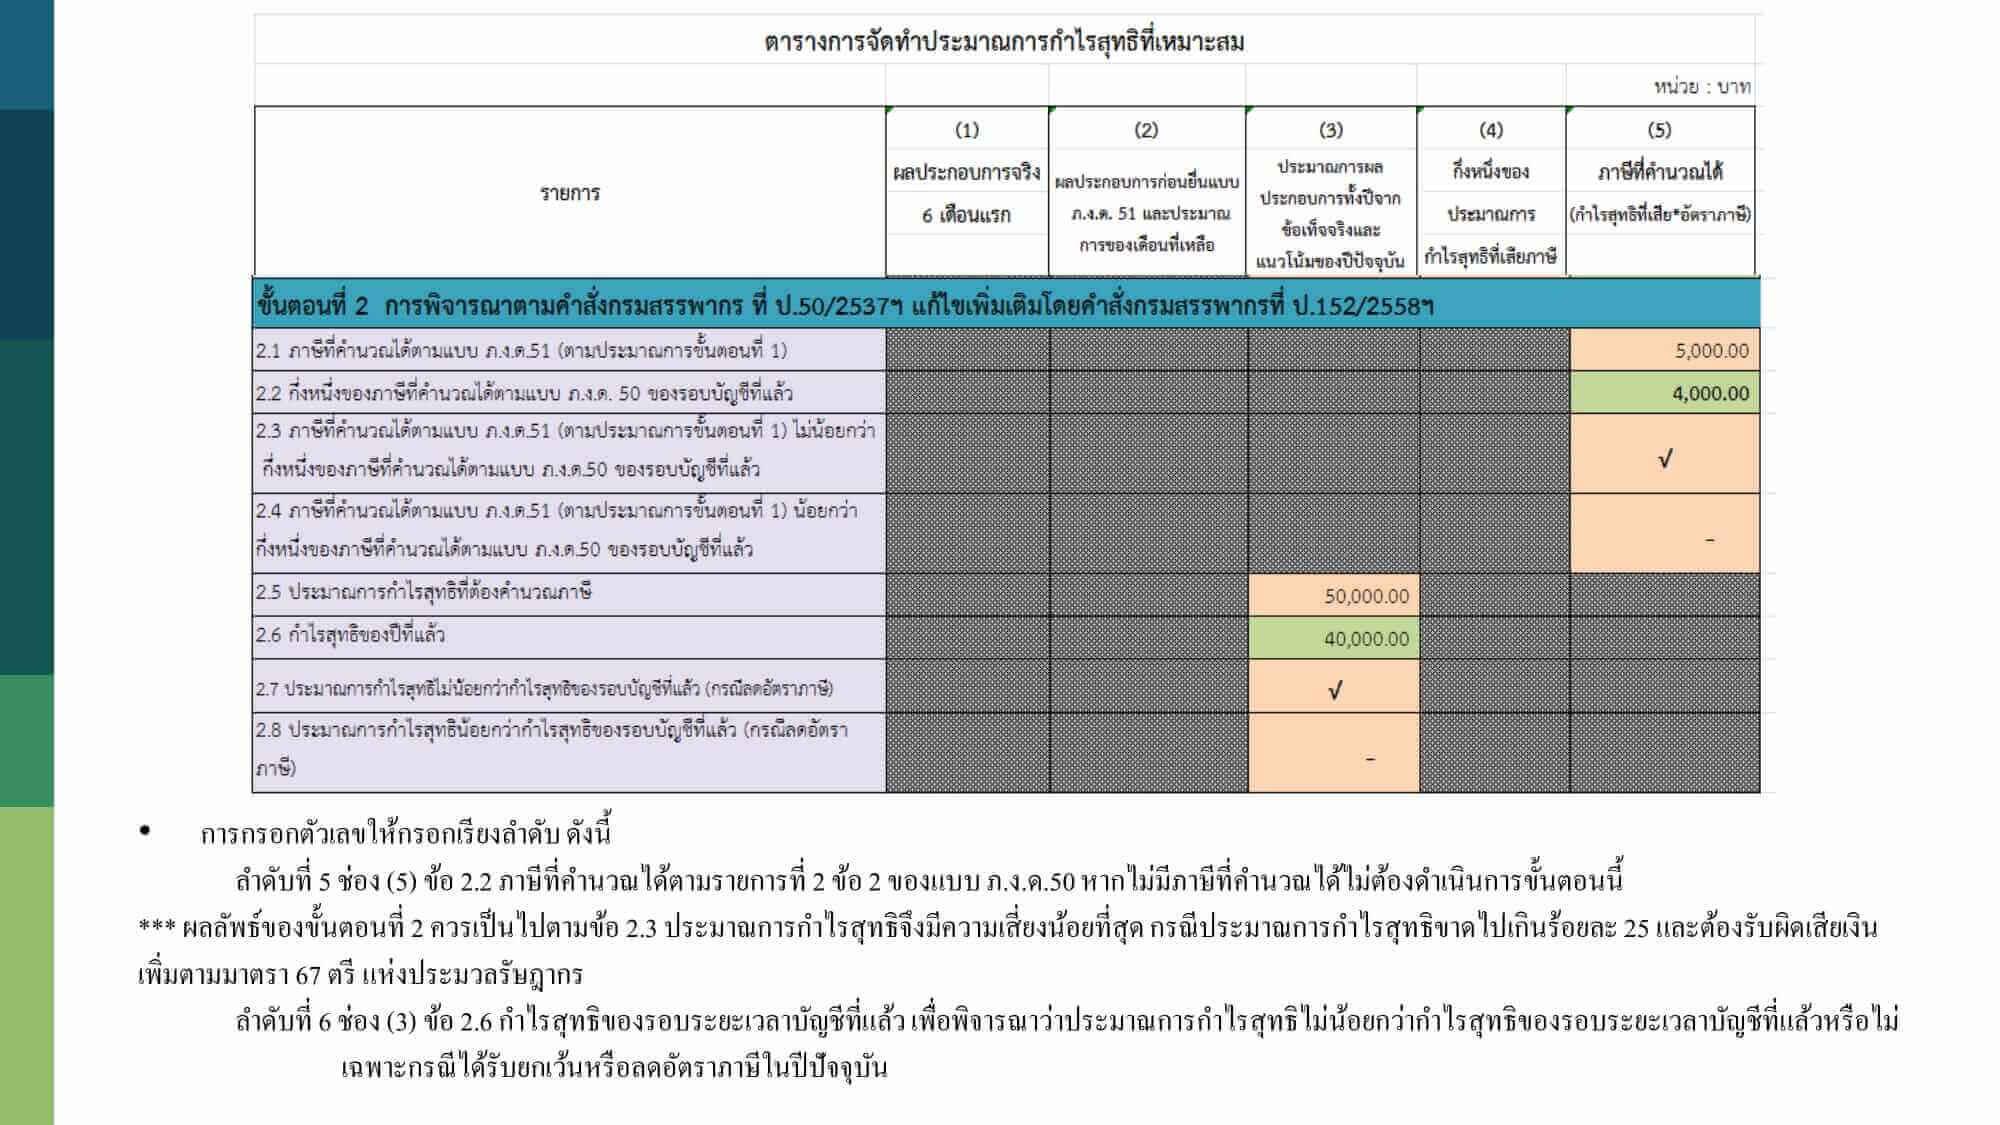 ภงด 51 ยื่นภาษีกลางปี คำนวนภาษี1